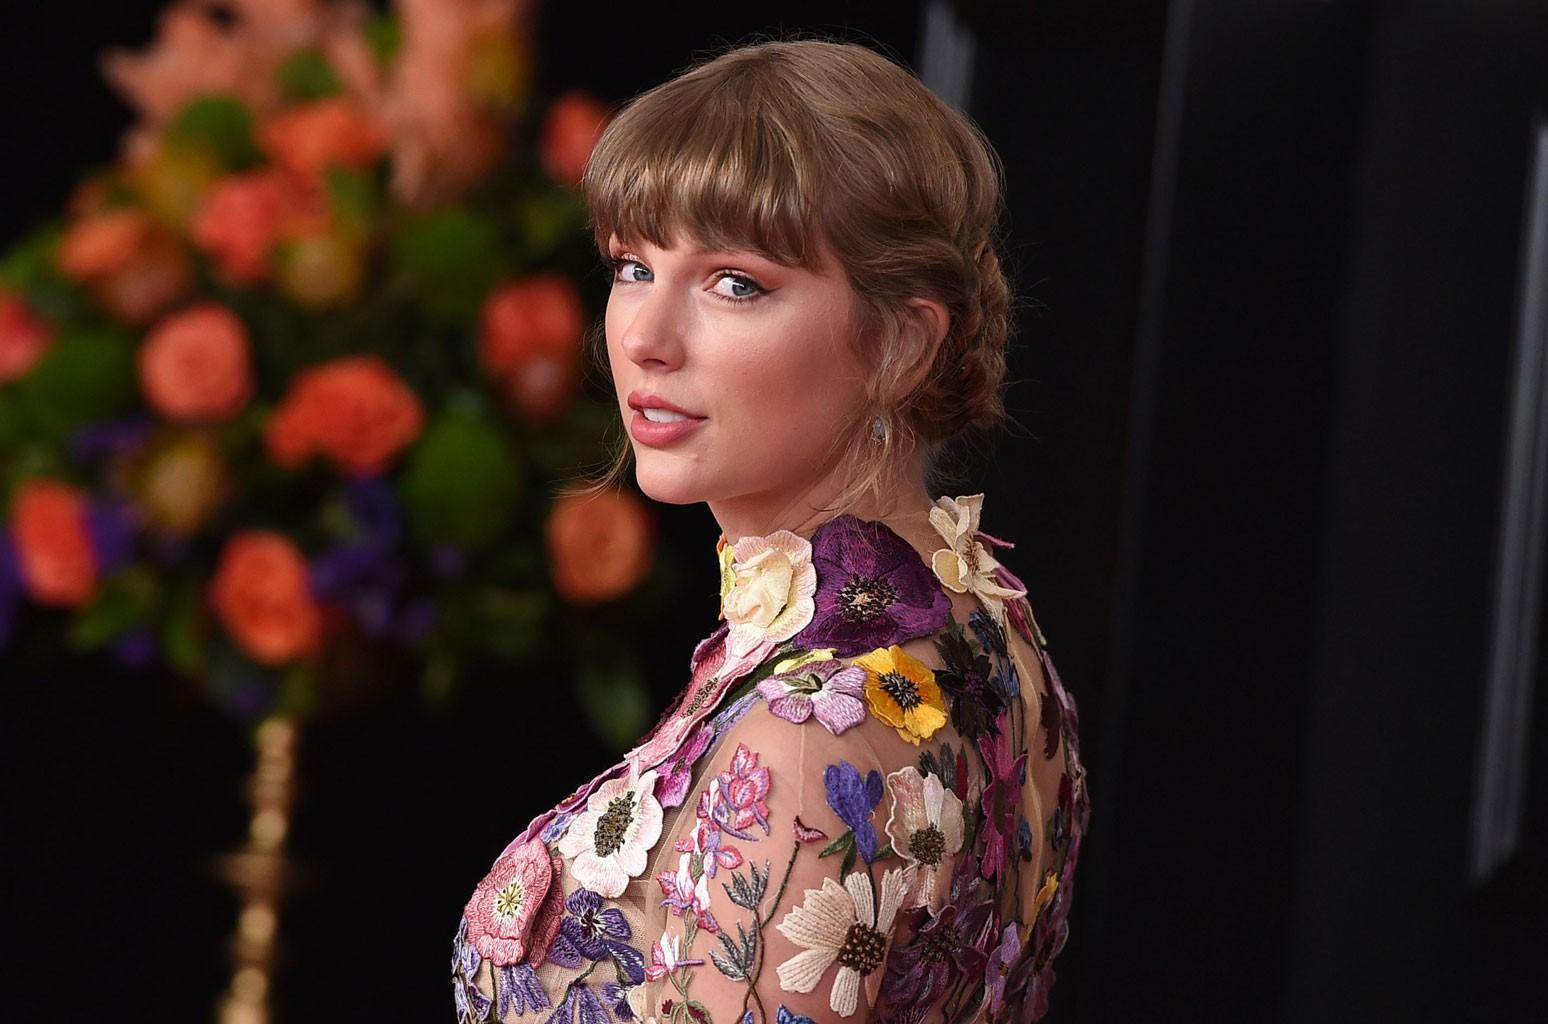 Taylor Swift Fearless Release Date 2021